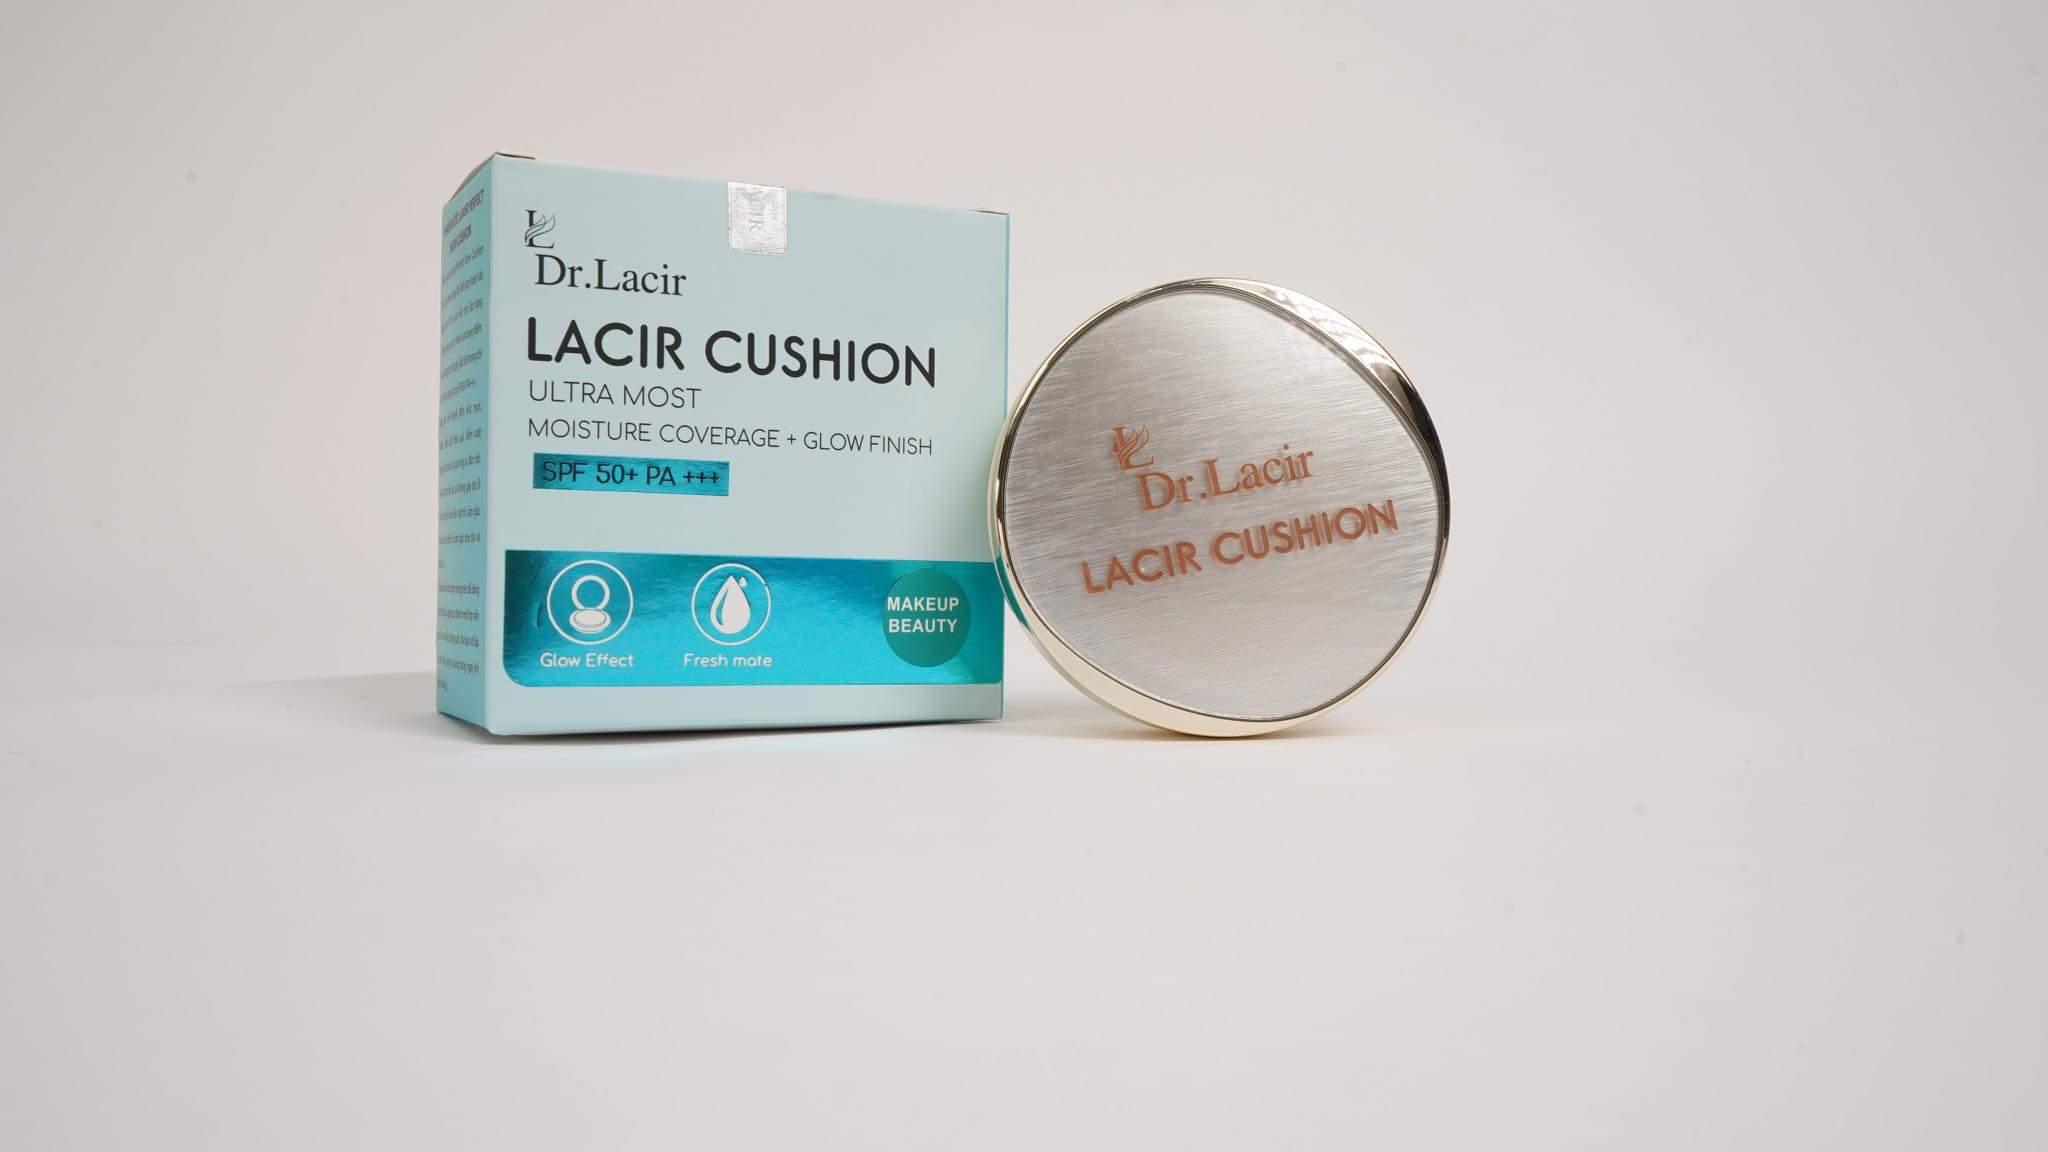 Phấn Lạnh Mỏng Mịn, Che Phủ Tốt, Lâu Trôi Lacir Cushion Dr Lacir SPF50+ PA+++ 1